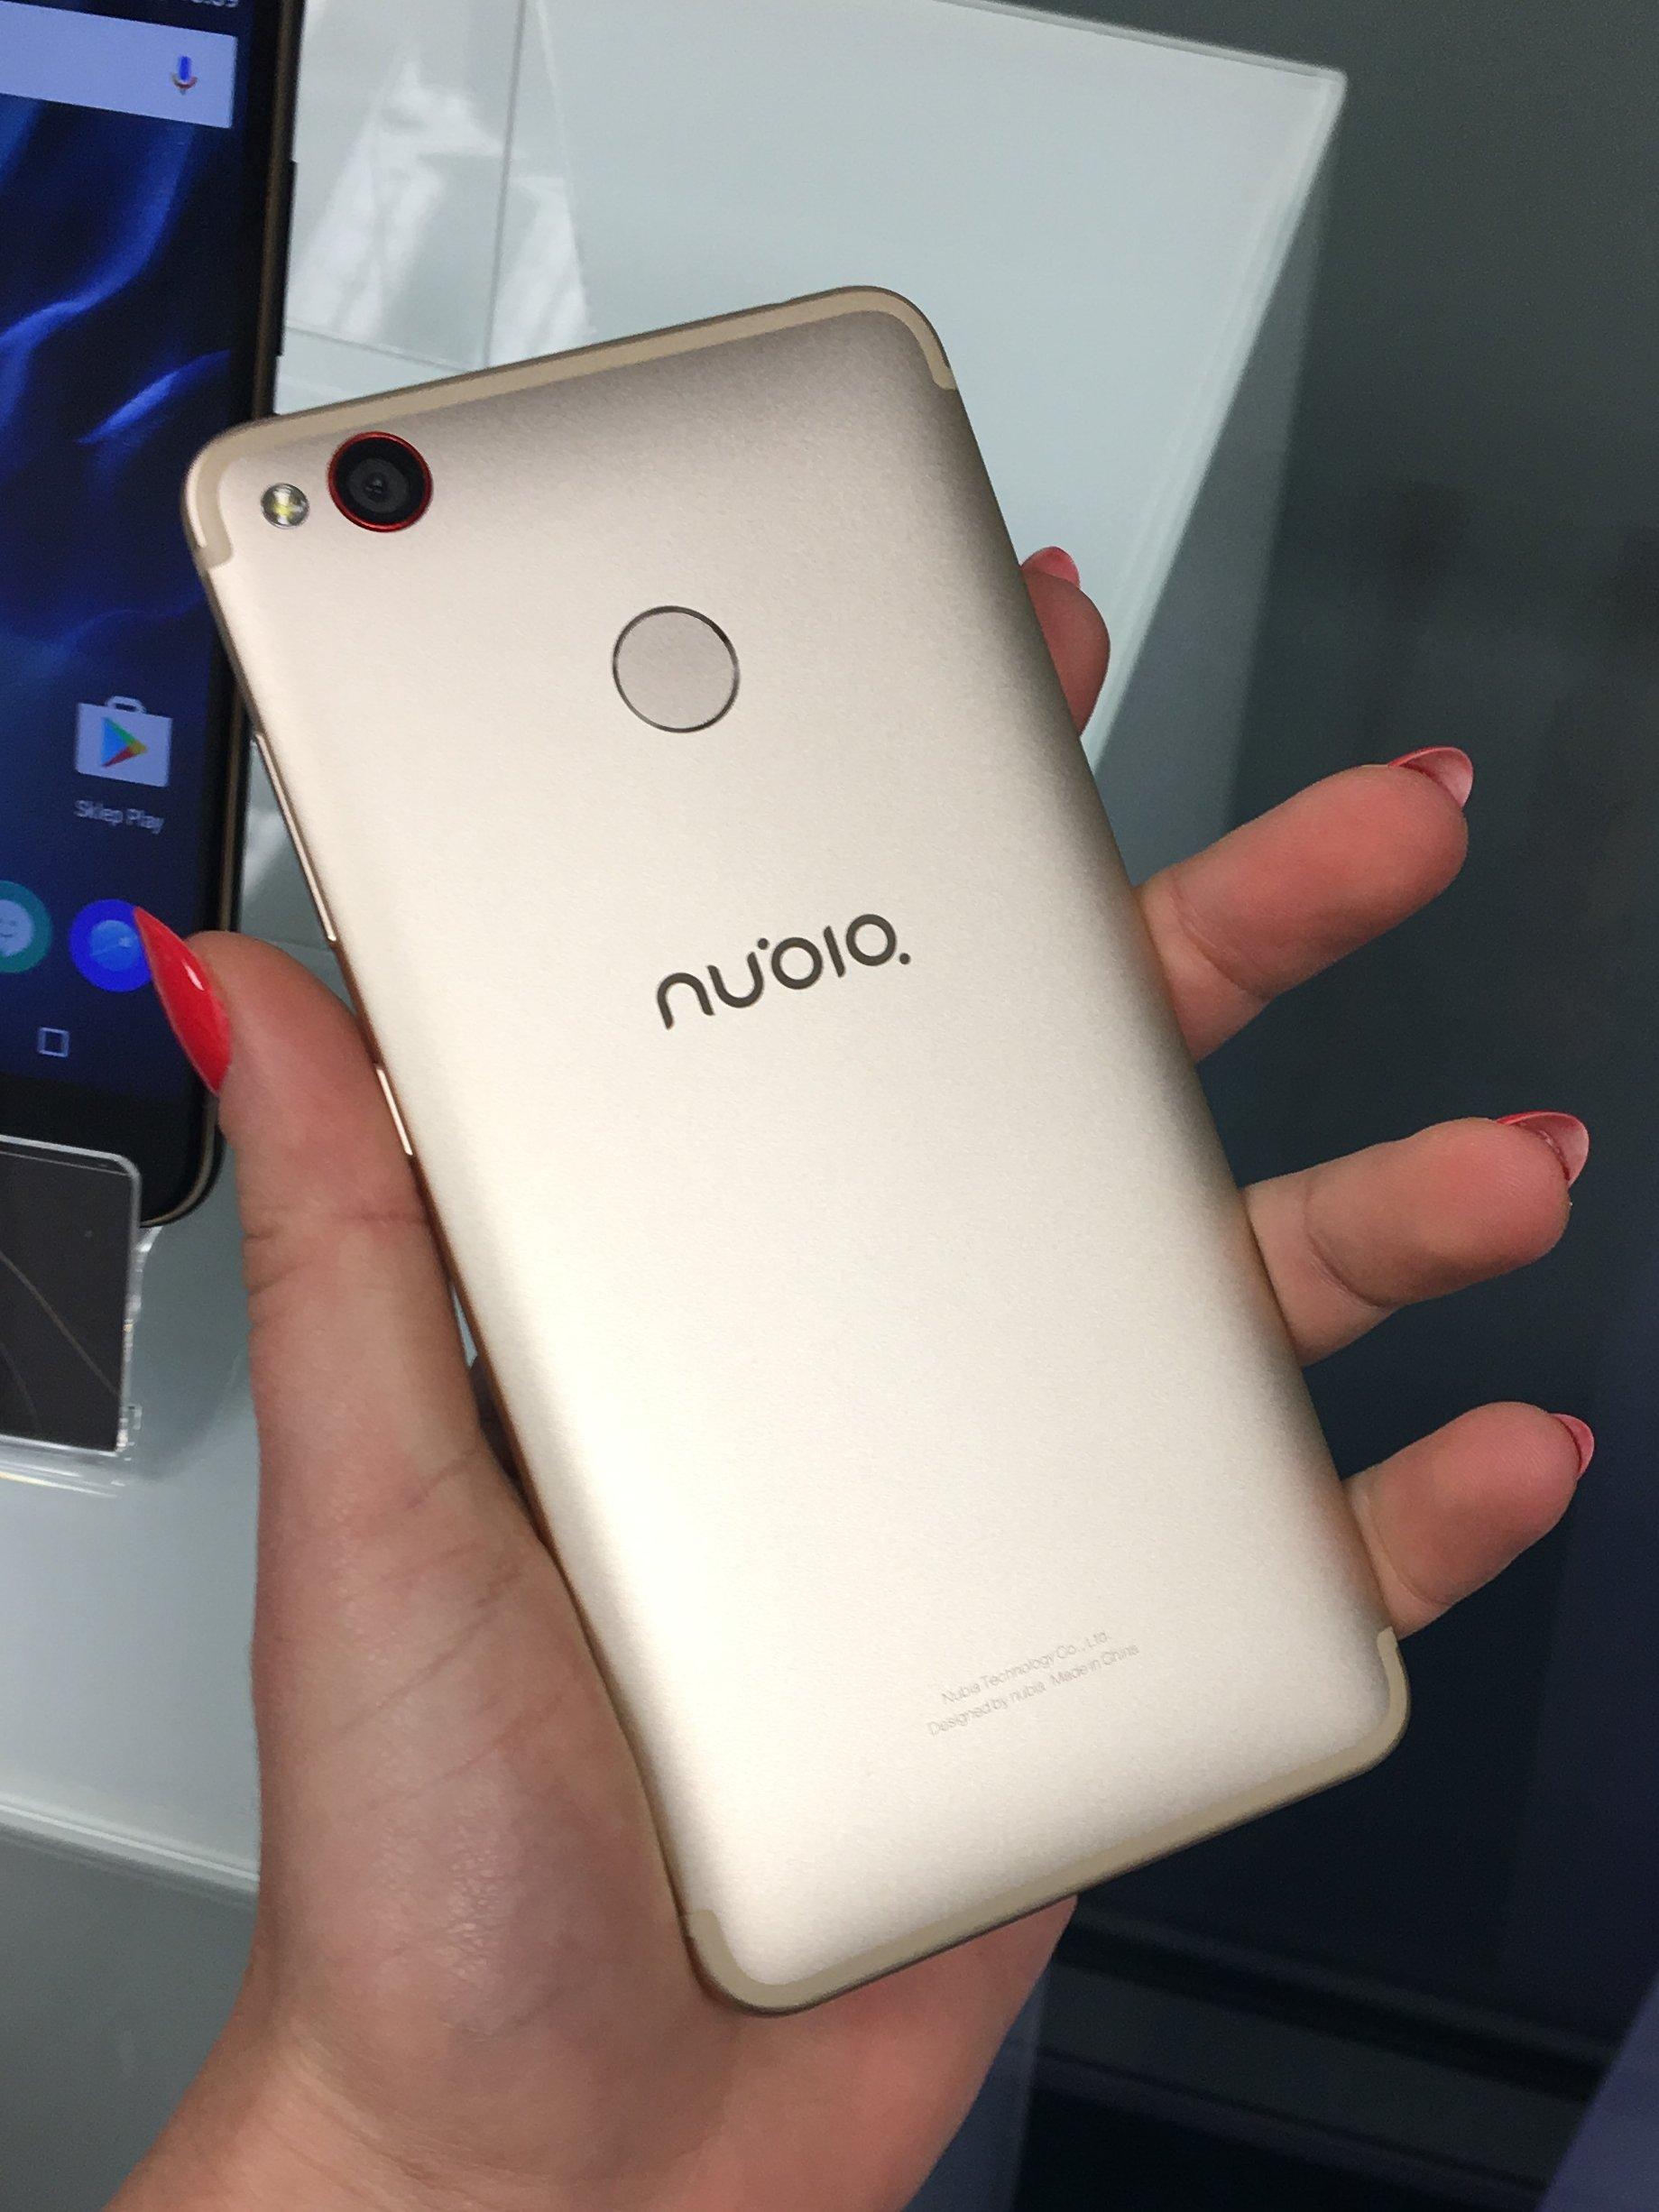 Nubia_Z11-850x552 Oficjalna premiera nowych smartfonów Nubia w Polsce